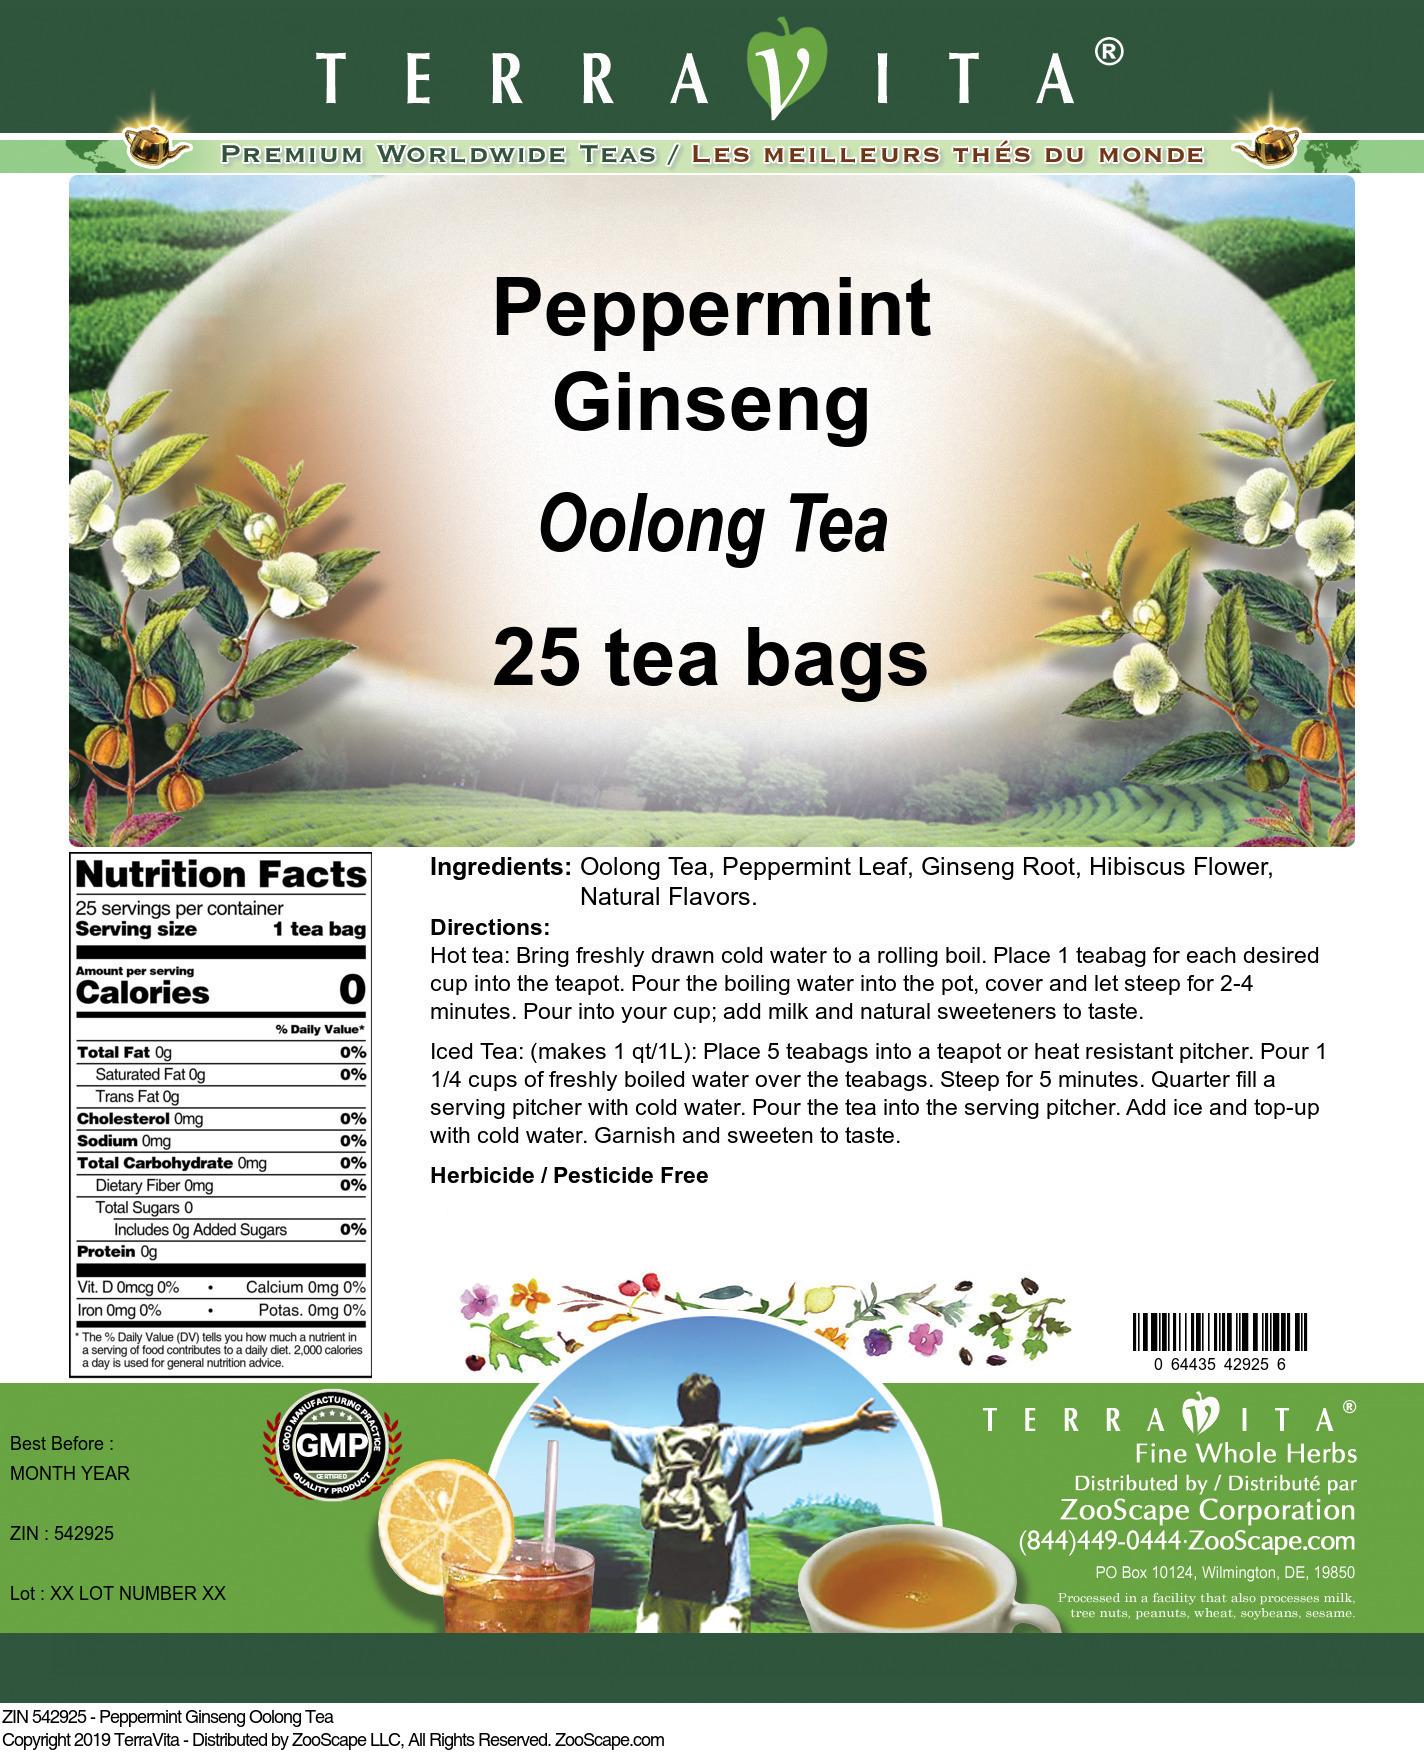 Peppermint Ginseng Oolong Tea